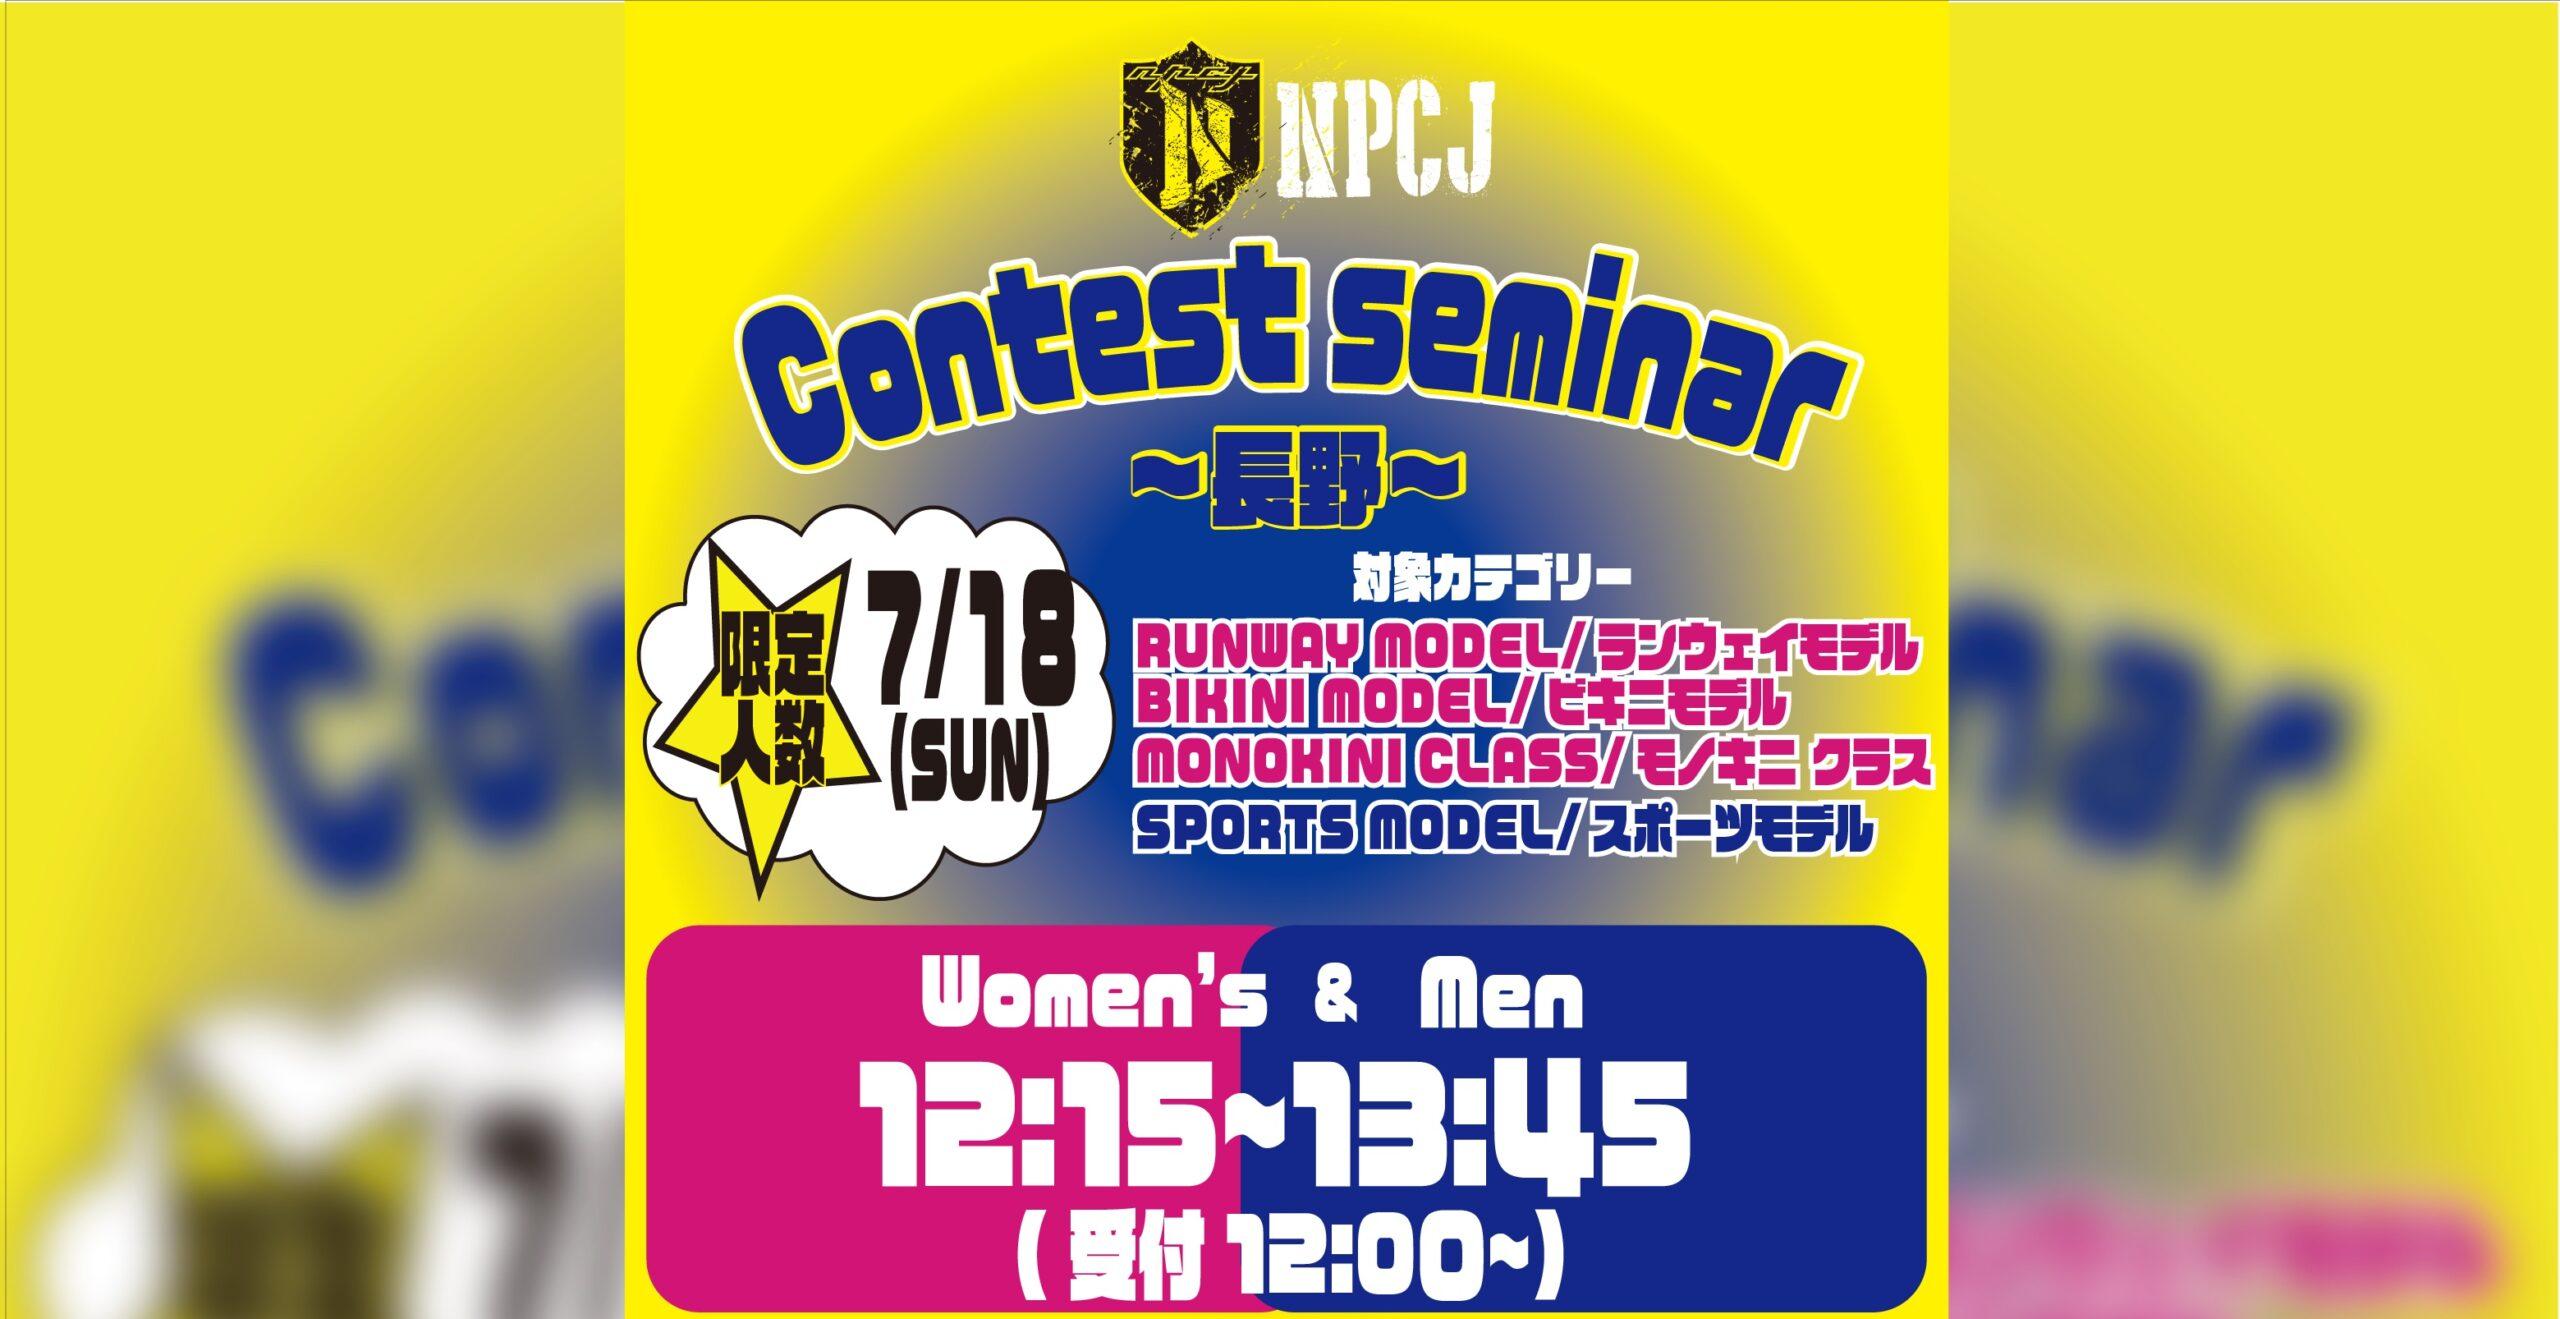 7月18日NPCJコンテスト対策セミナー開催 ~長野~